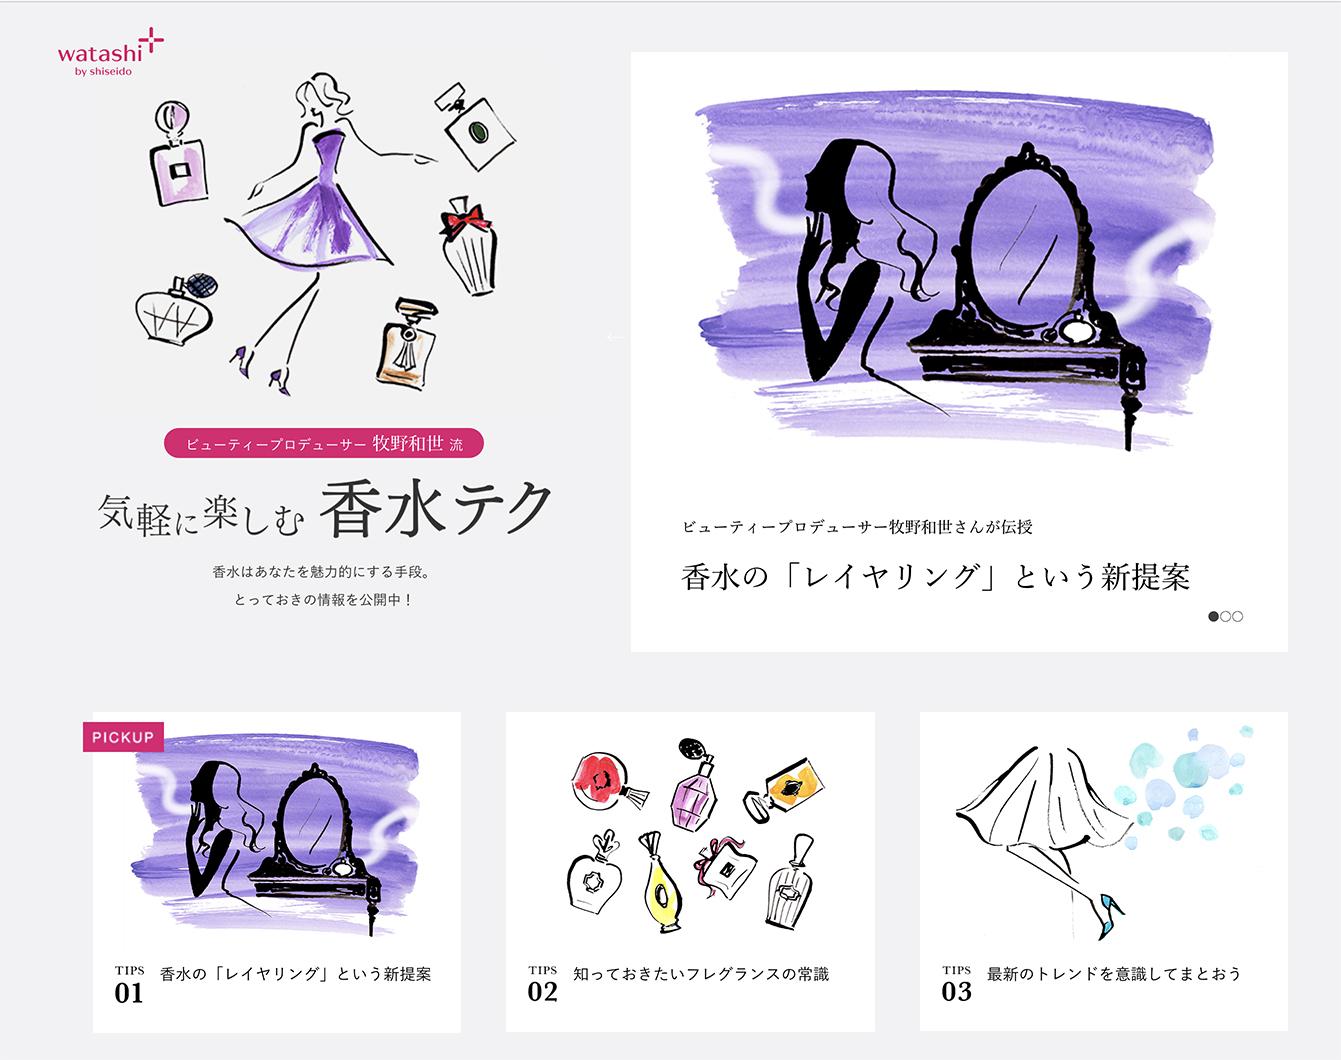 資⽣堂 watashi+サイト内の記事コンテンツ「気軽に楽しむ⾹⽔テク」